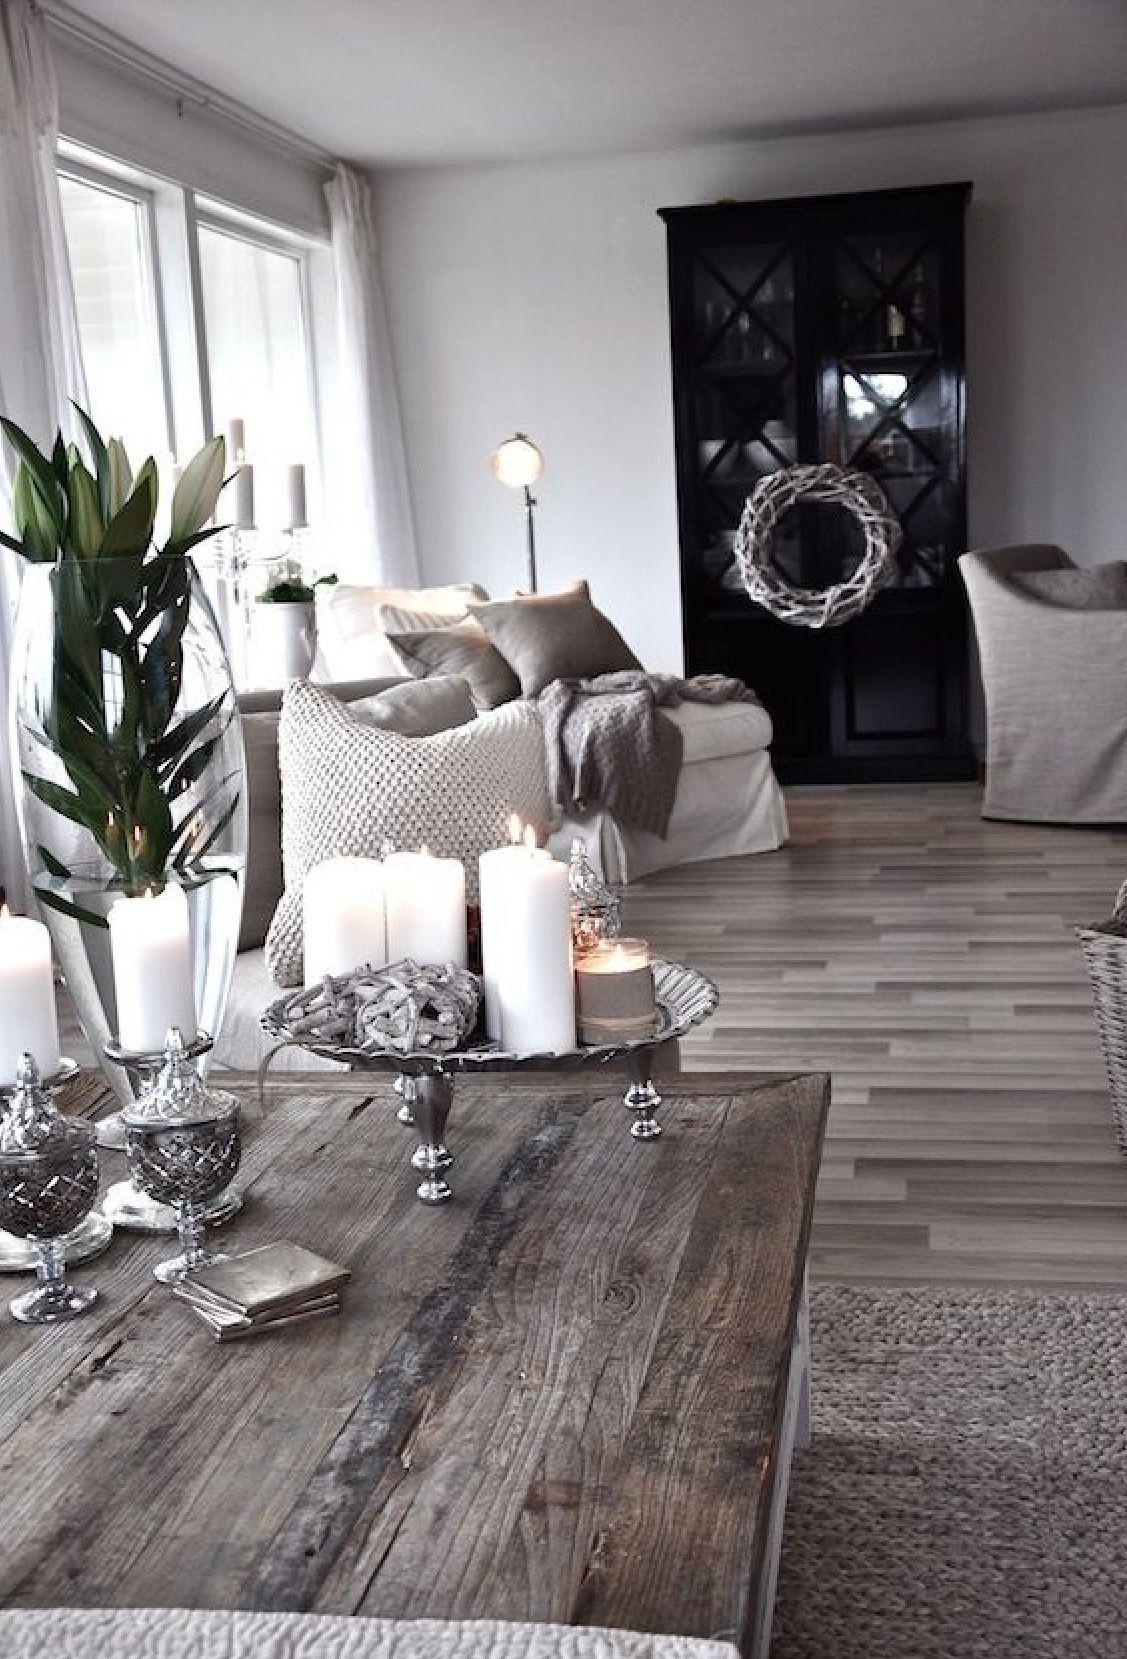 Pin von Stone157 auf Home | Pinterest | Modernes wohnen, Wohnideen ...